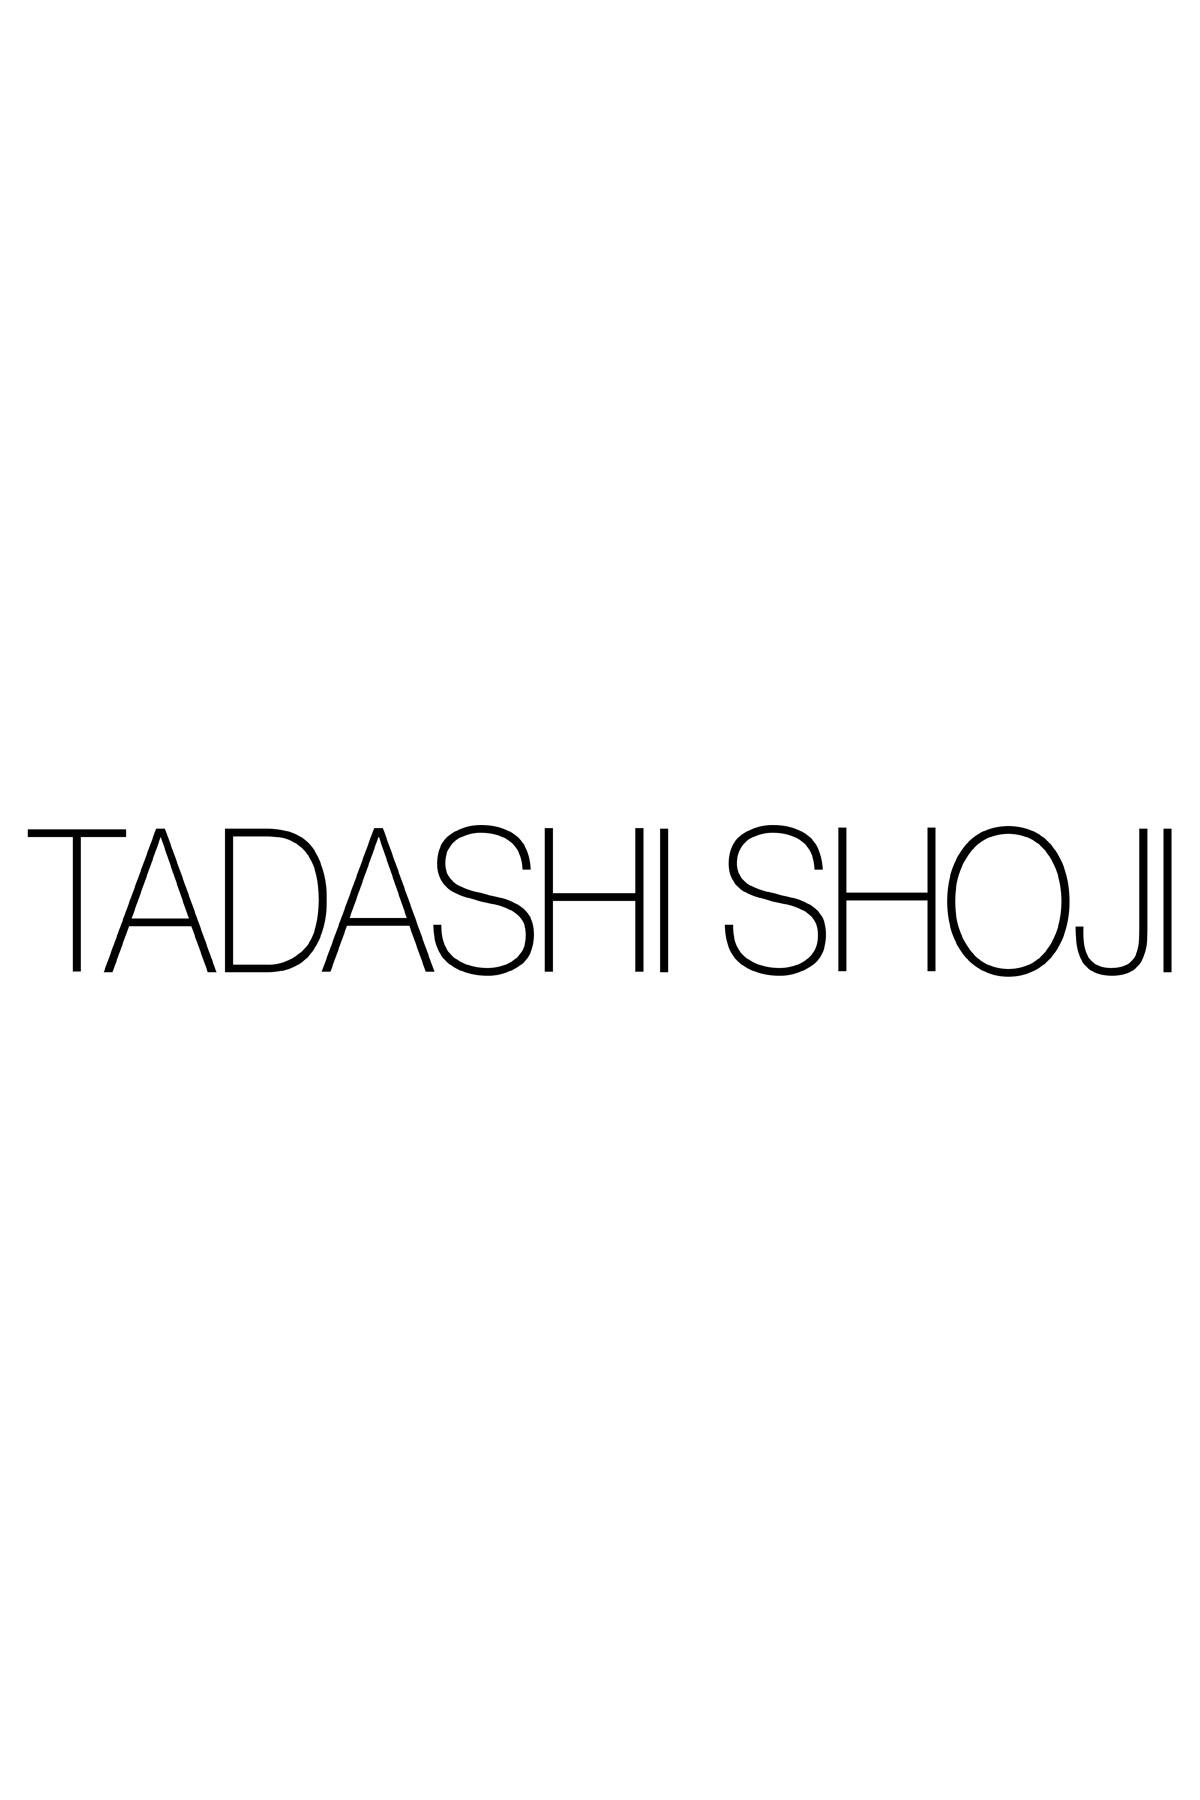 Tadashi Shoji Plus Size Detail - Hesperia Gown